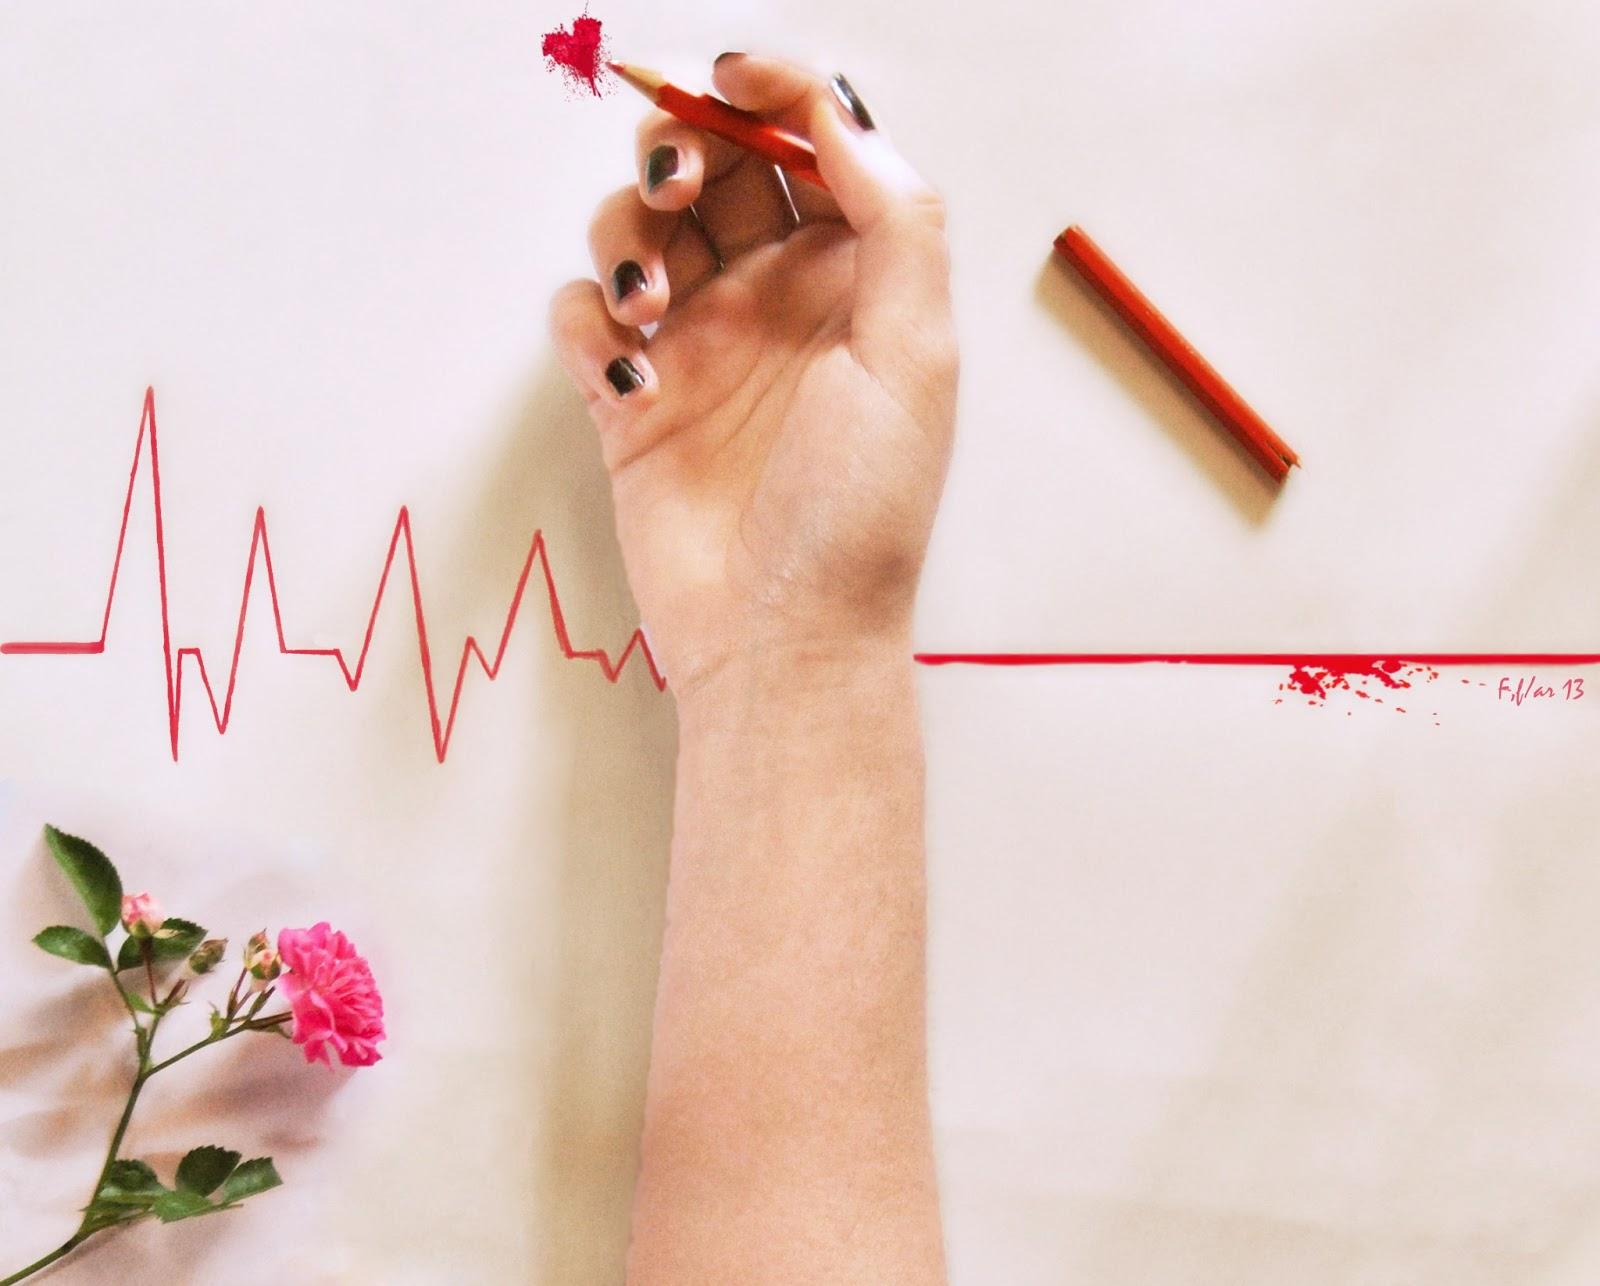 Risultati immagini per donne nella pittura violenza contro le donne